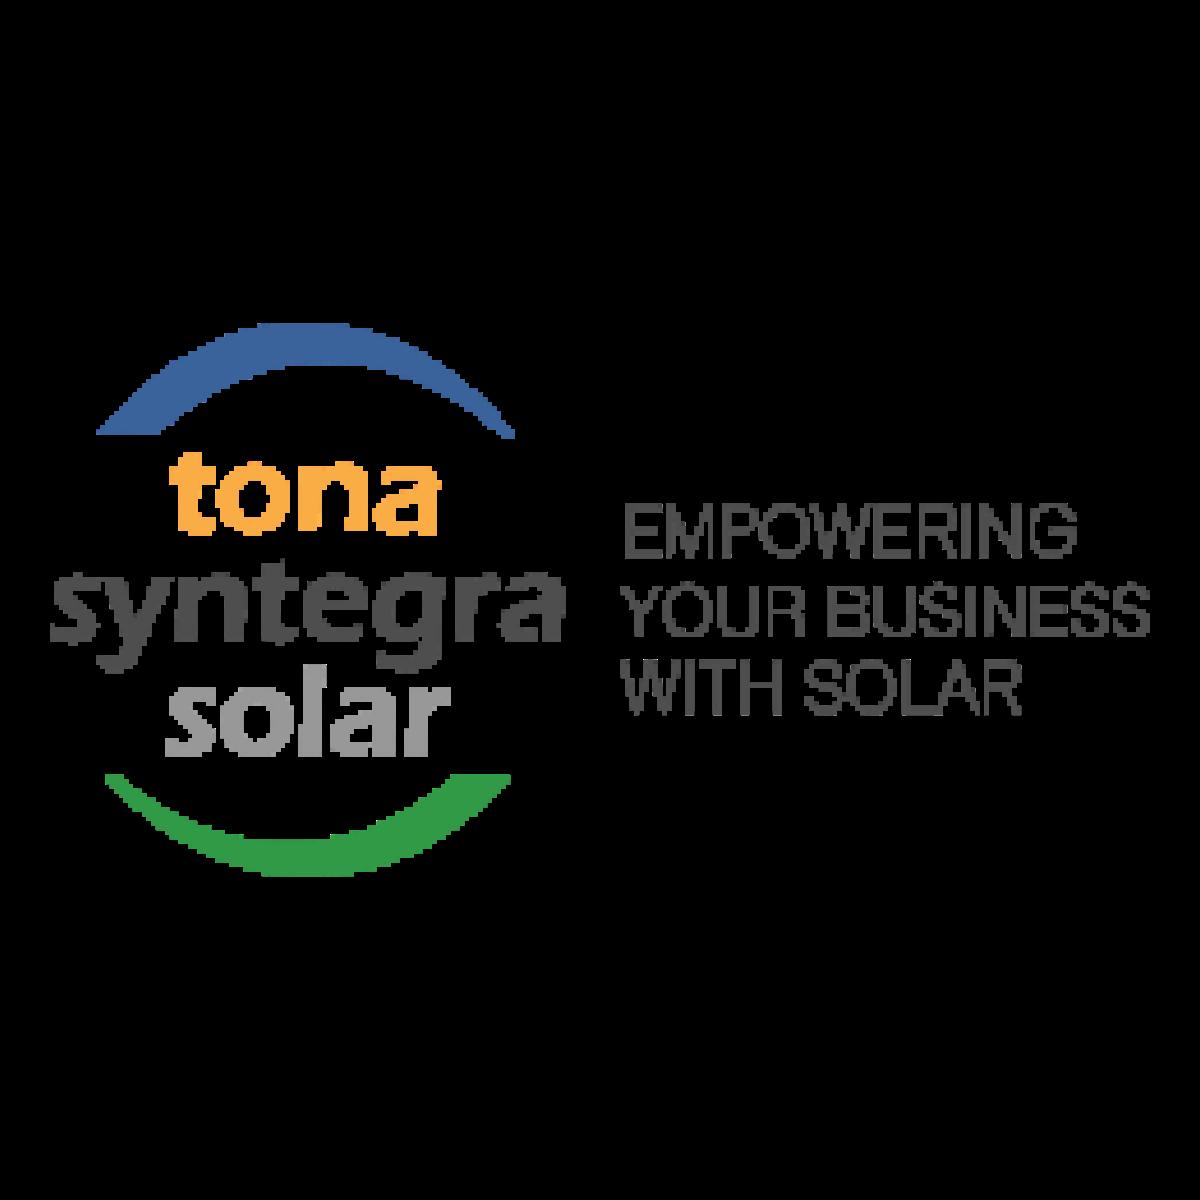 Tona-syntegra-solar